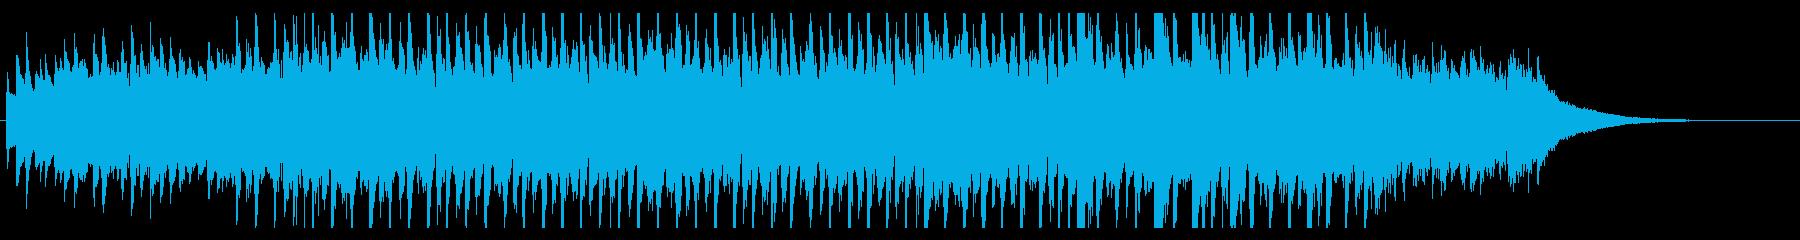 オープニングジングル 爽やか壮大な疾走感の再生済みの波形